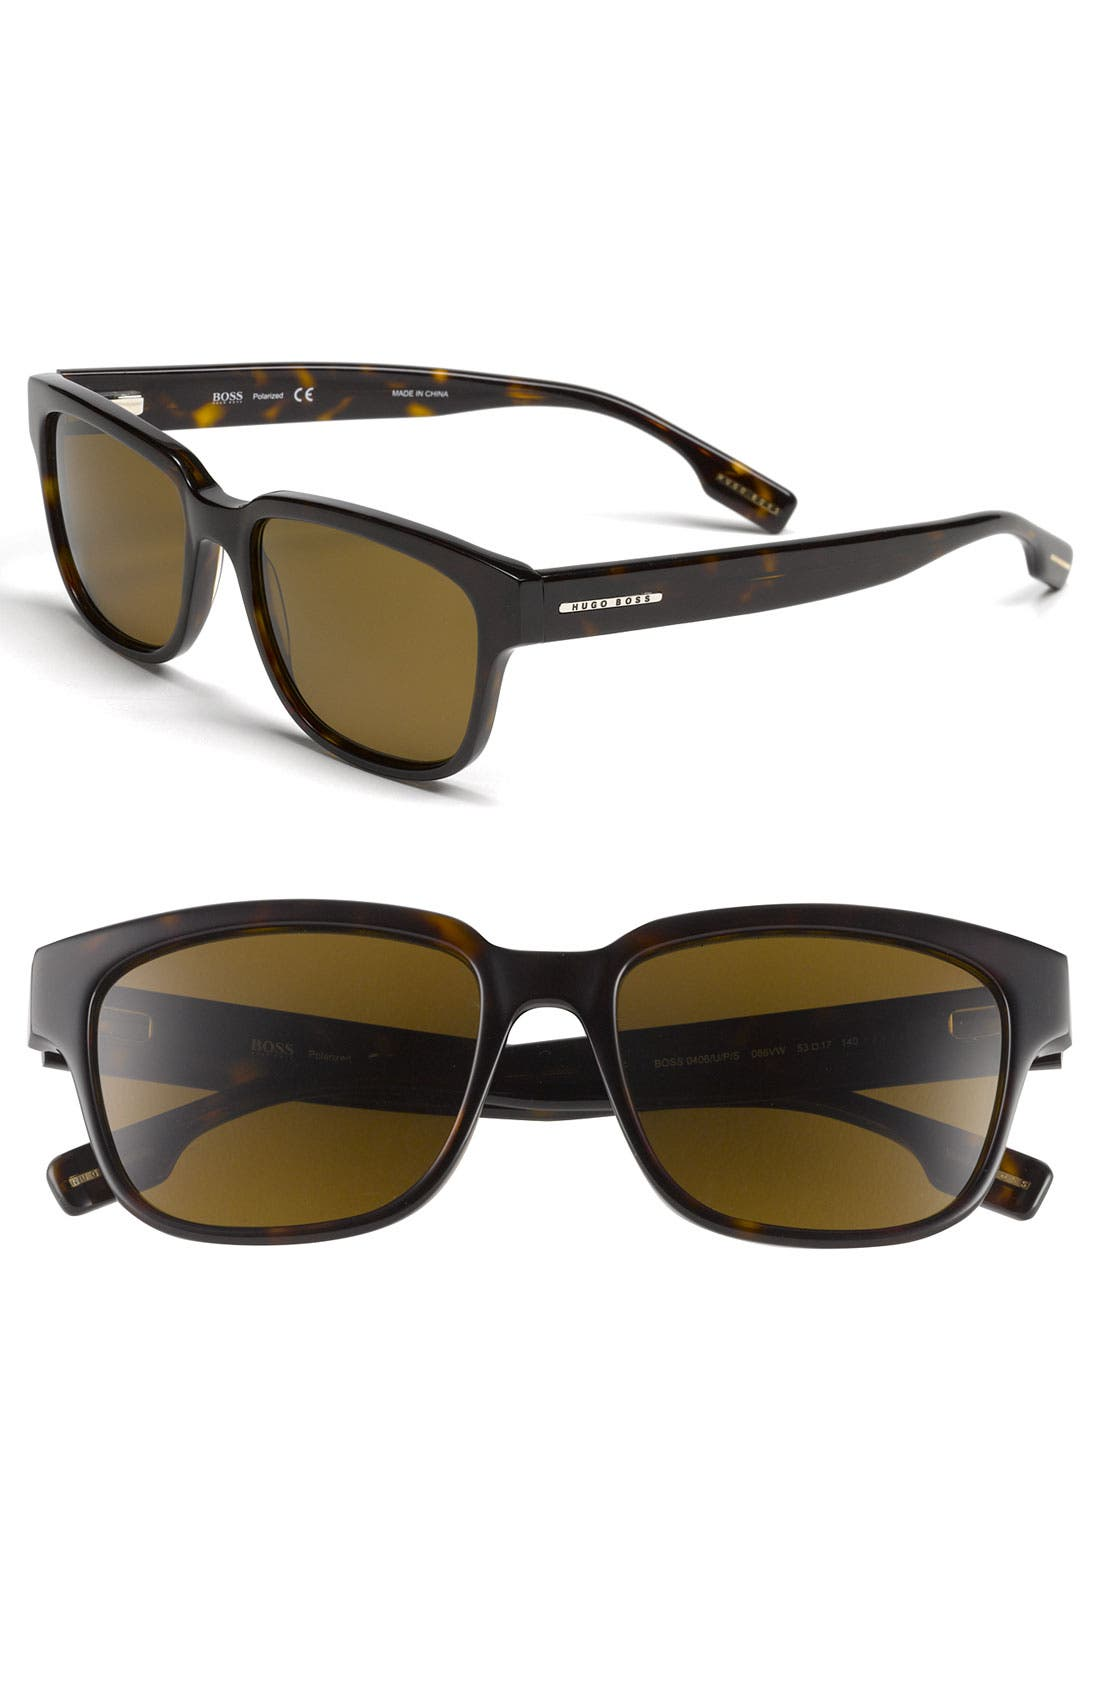 Alternate Image 1 Selected - BOSS HUGO BOSS 53mm Polarized Sunglasses